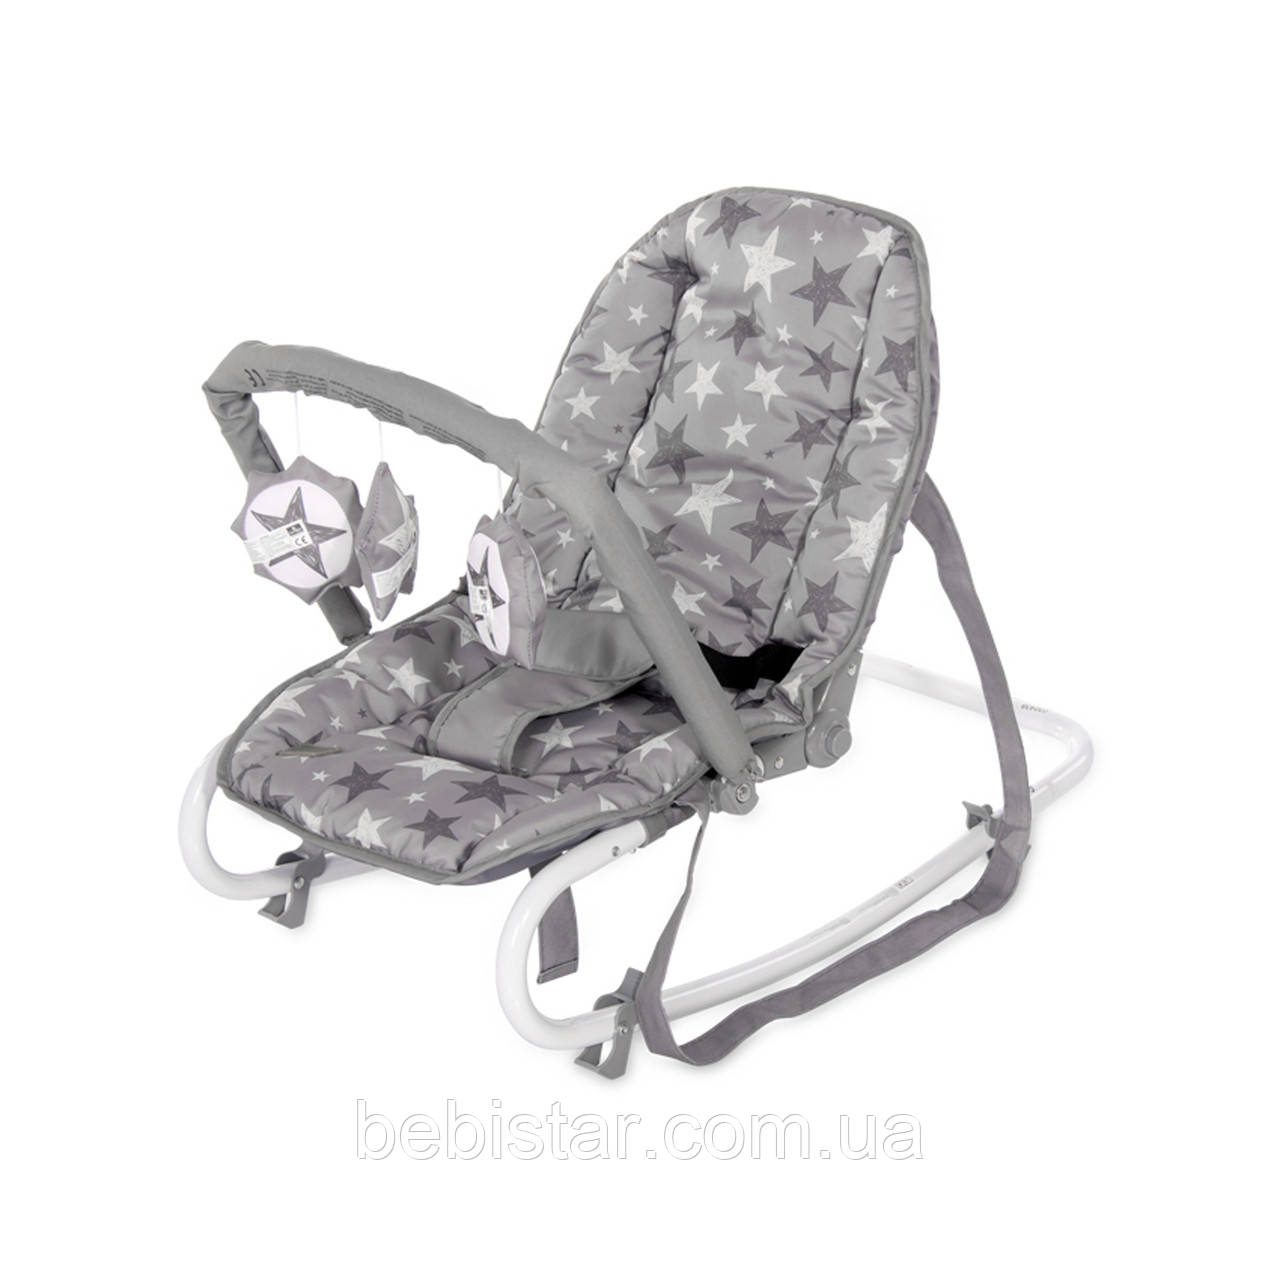 Кресло-качалка Lorelli Rock Star для малышей с рождения до 9 месяцев